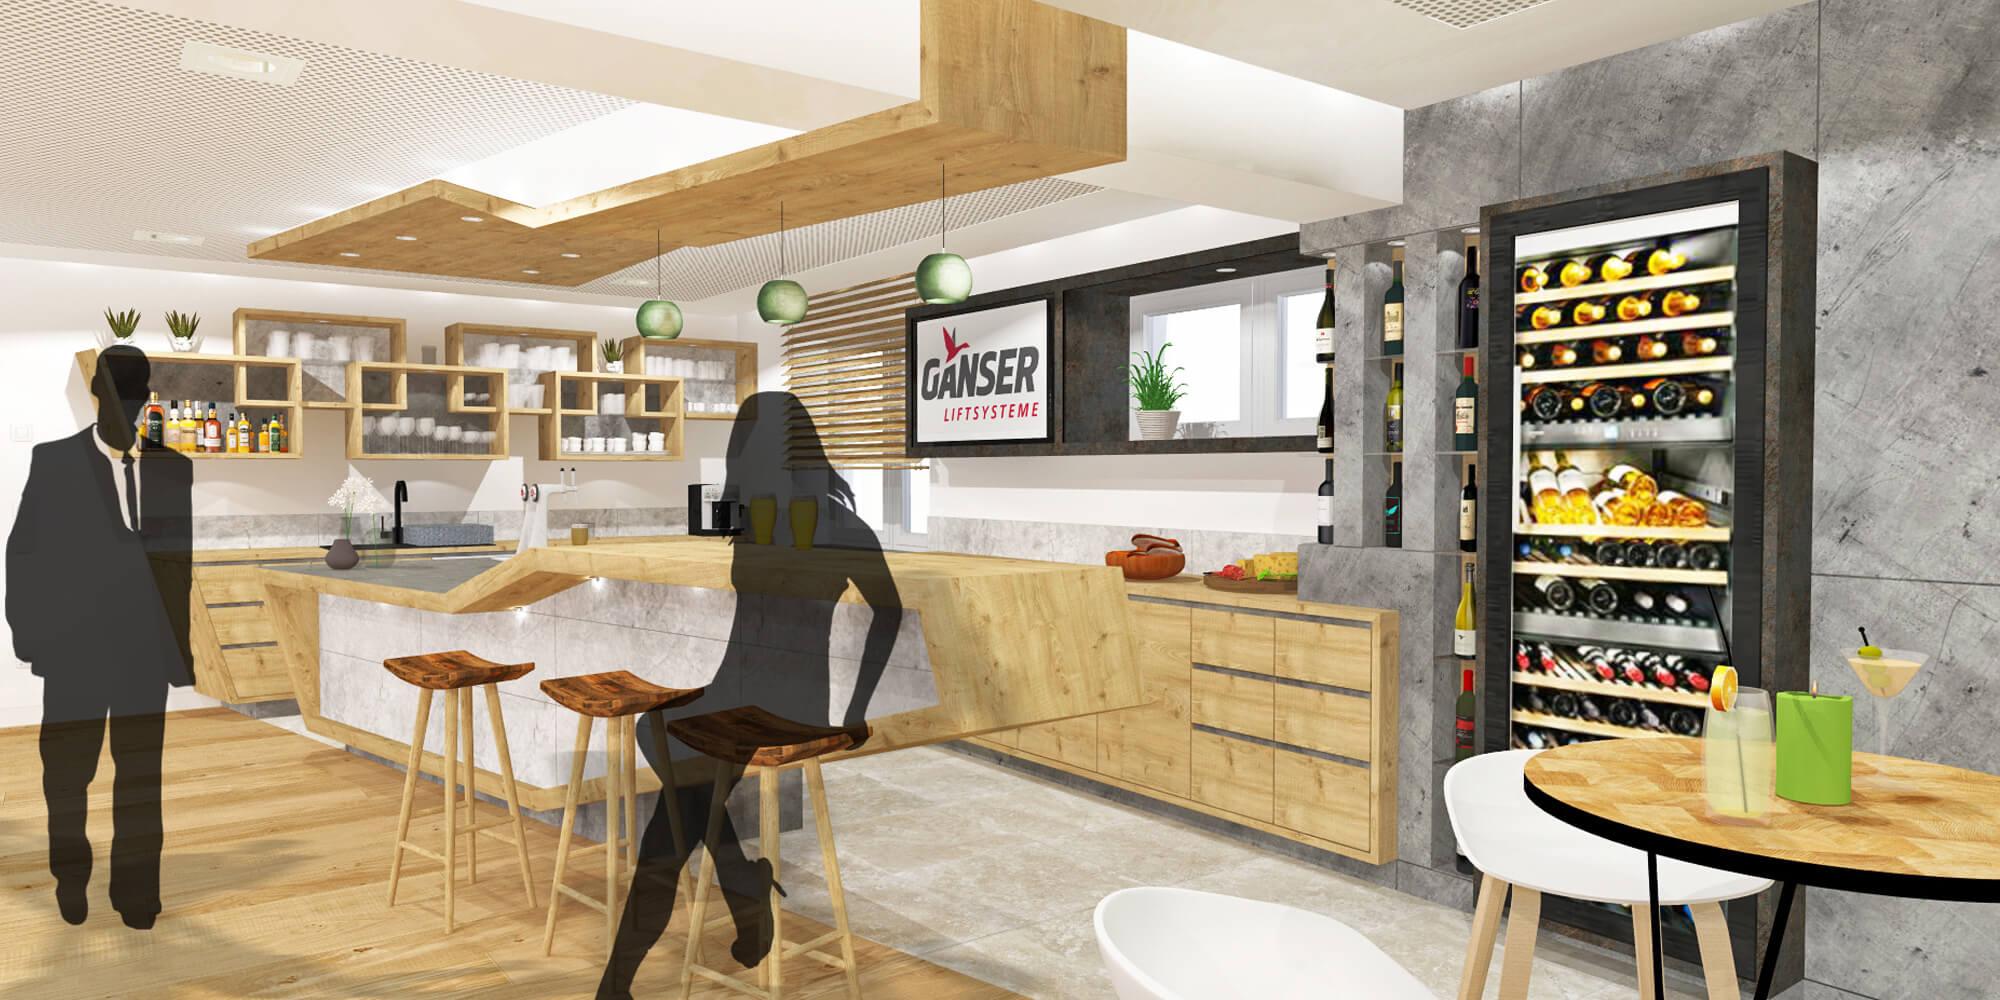 Cre-Plan-Design-Rauch-Frühmann-Architektur-Innenarchitektur-Design-Projekt-Referenz-Innenarchitektur-Möbeldesign-Einrichtung-Firma-Ganser-Seminarraum-2